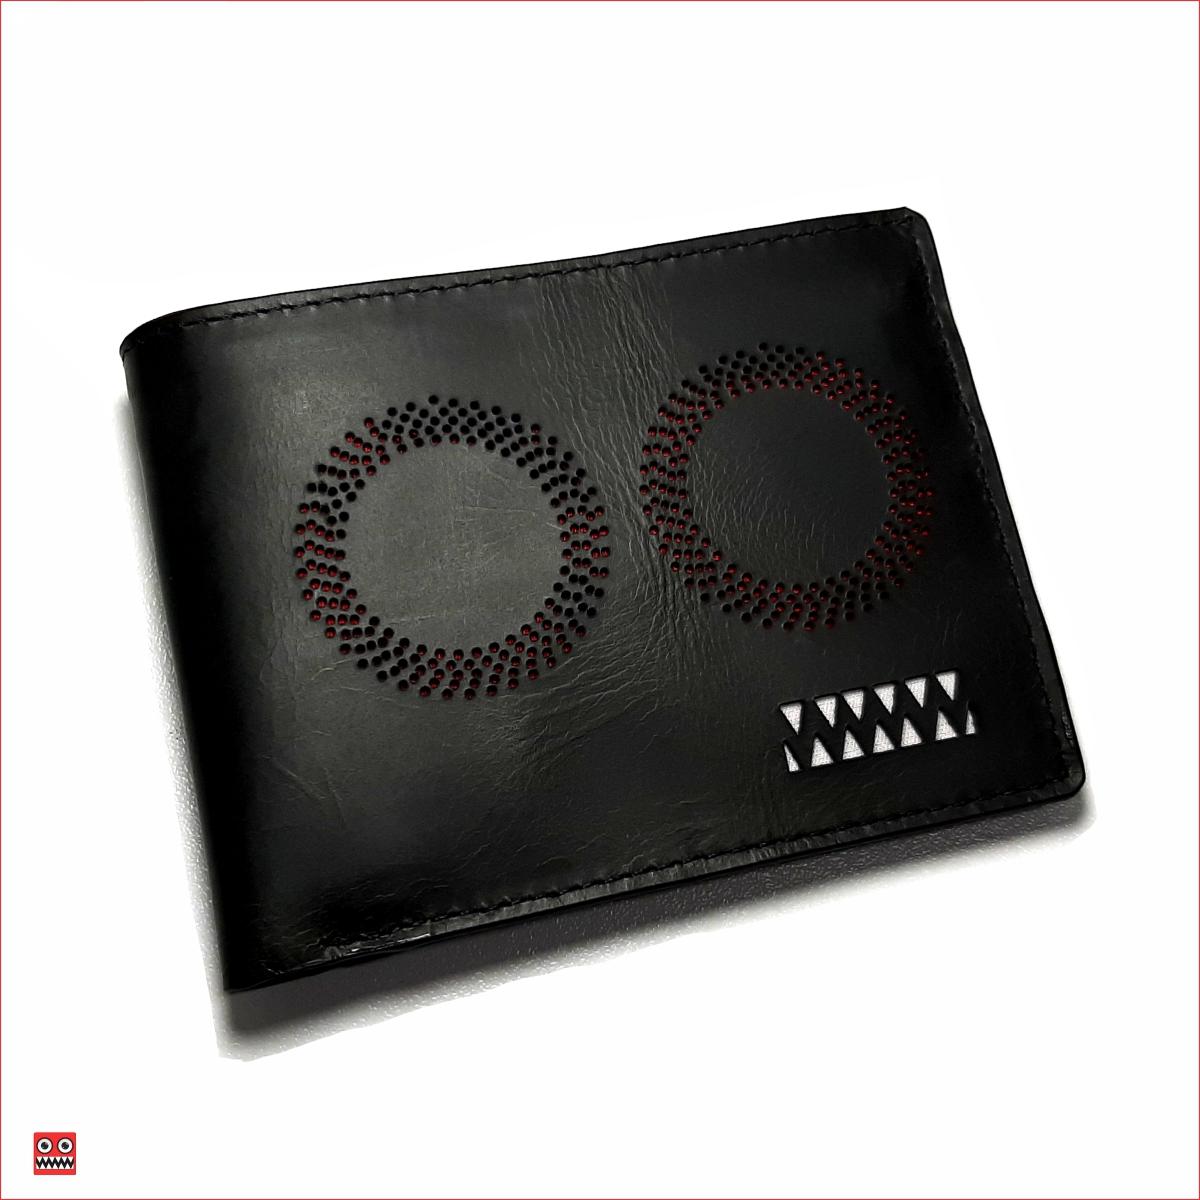 Billetera negro perforado con interior rojo, material 100% cuero, $45.000 0